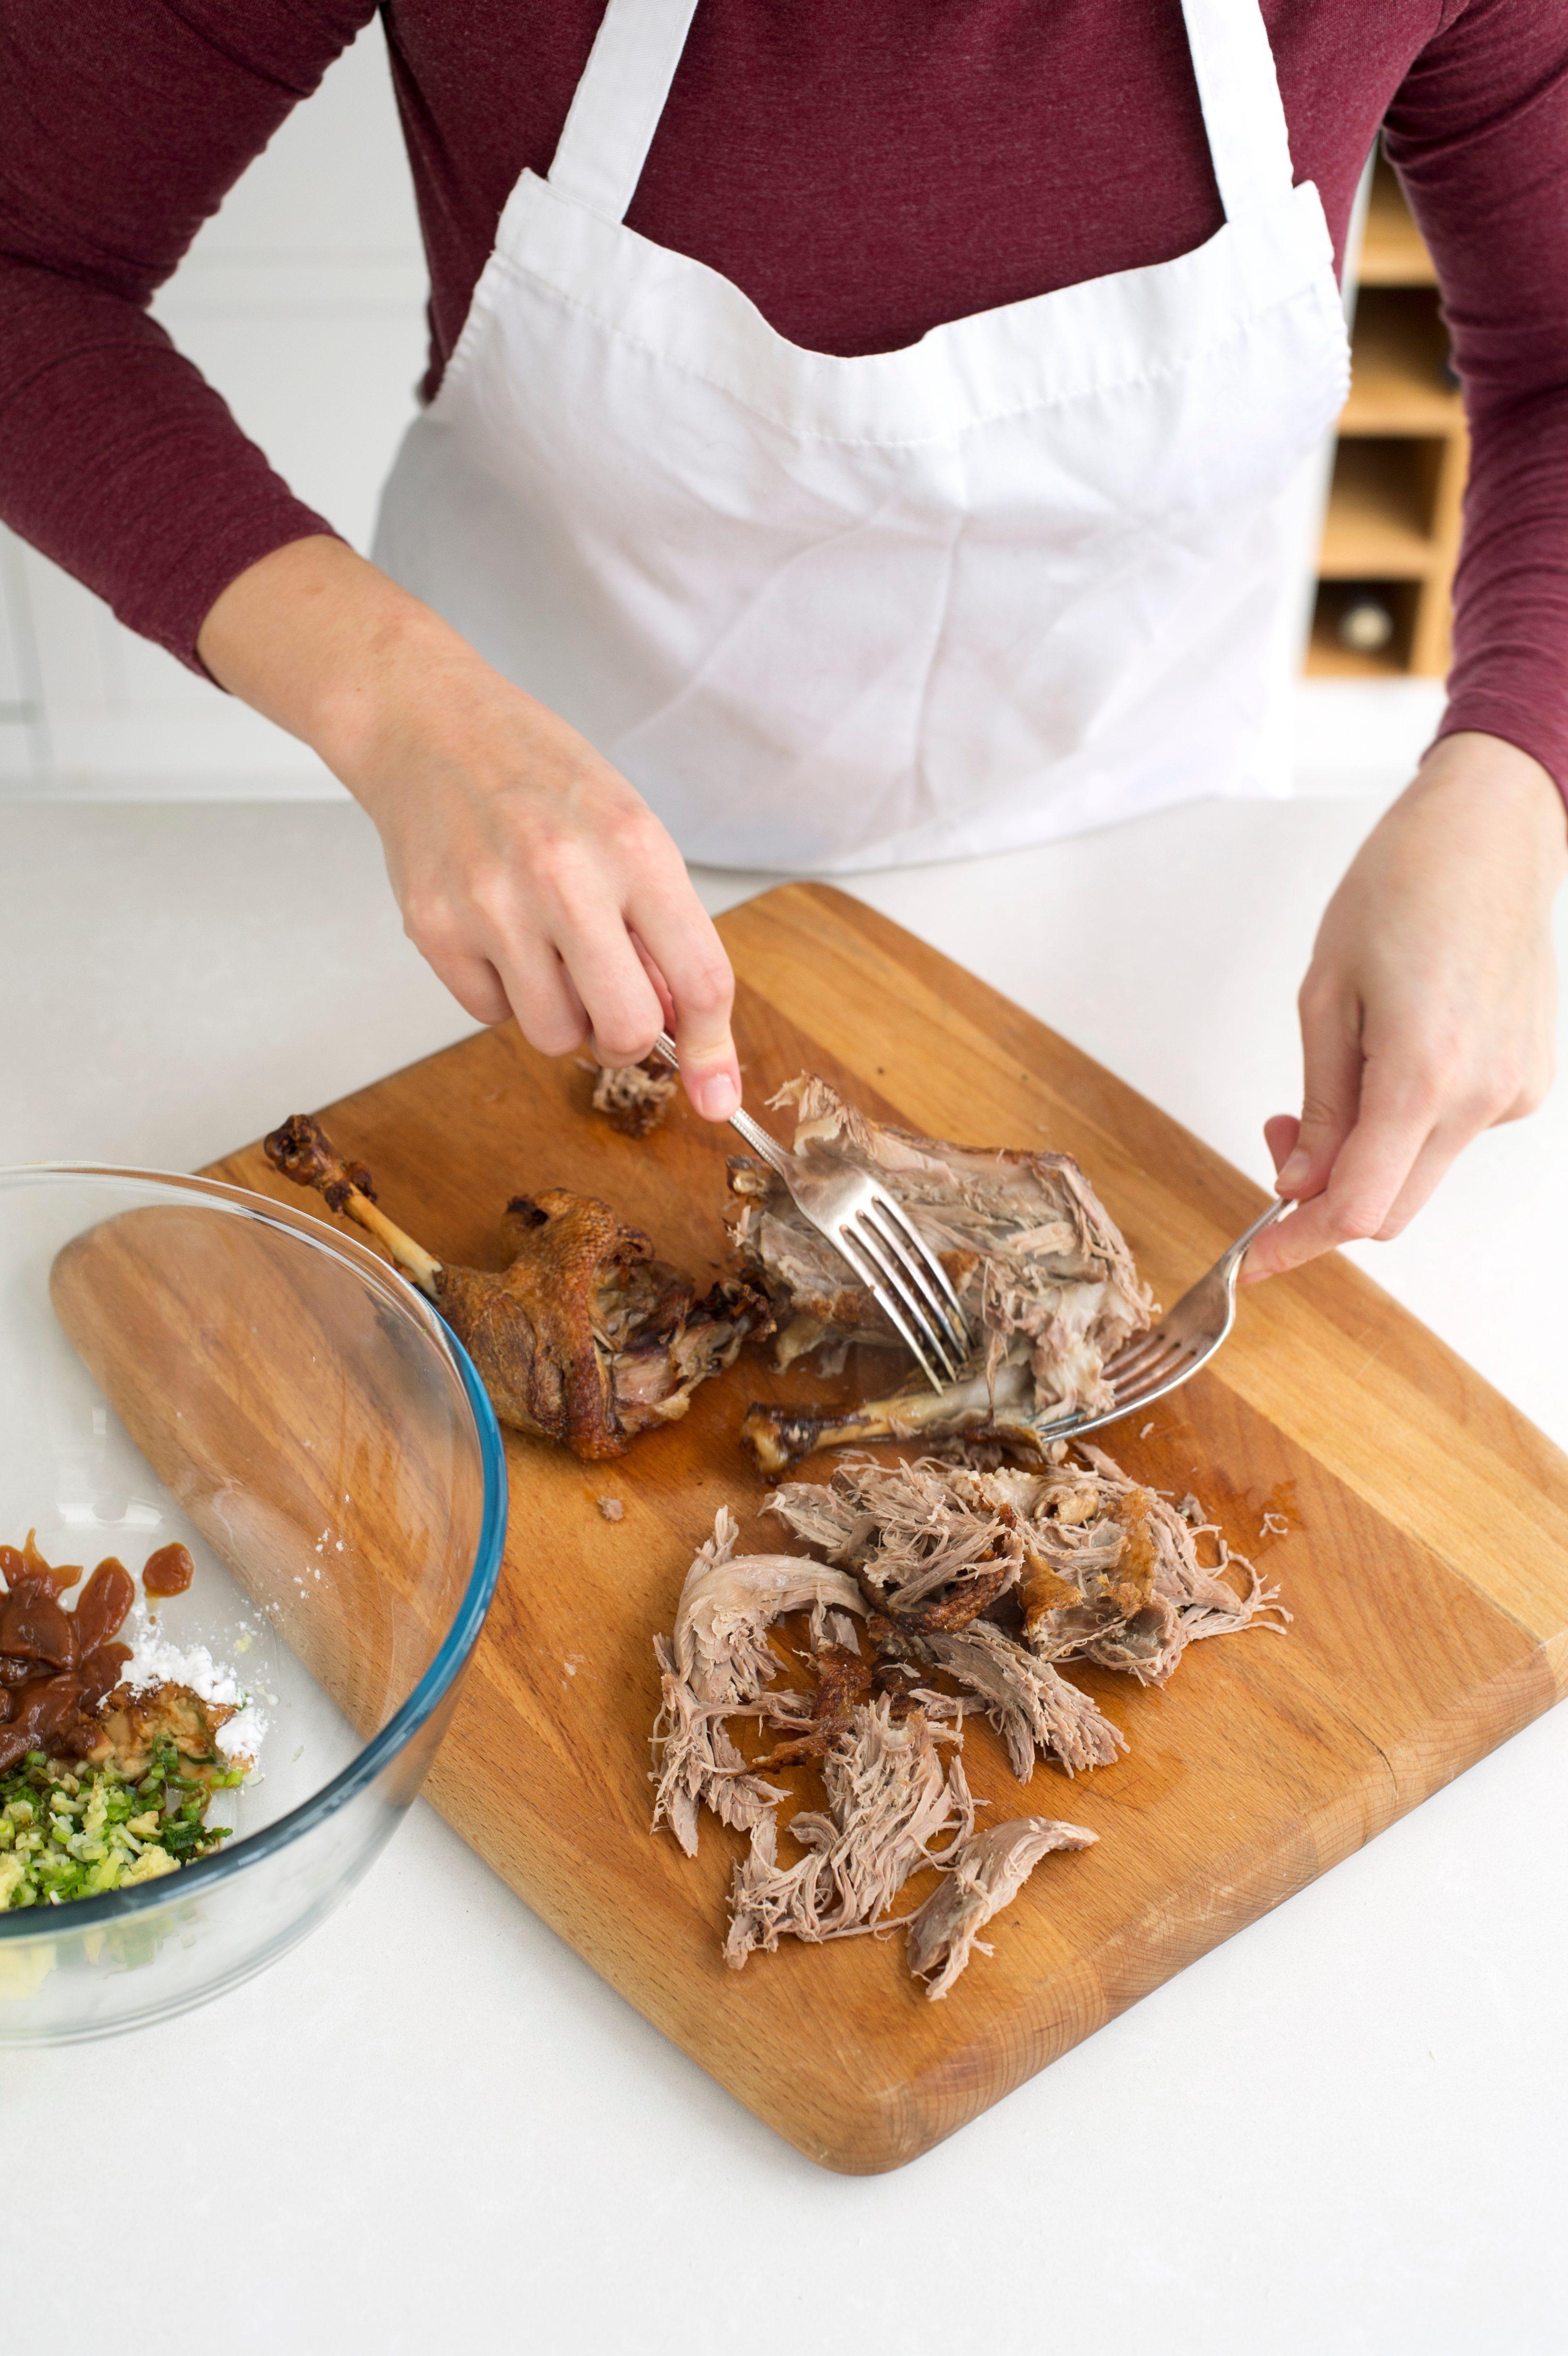 Spărgând toată pielea și carnea din oase și tocând mărunt - rețetă de gyoza de rață